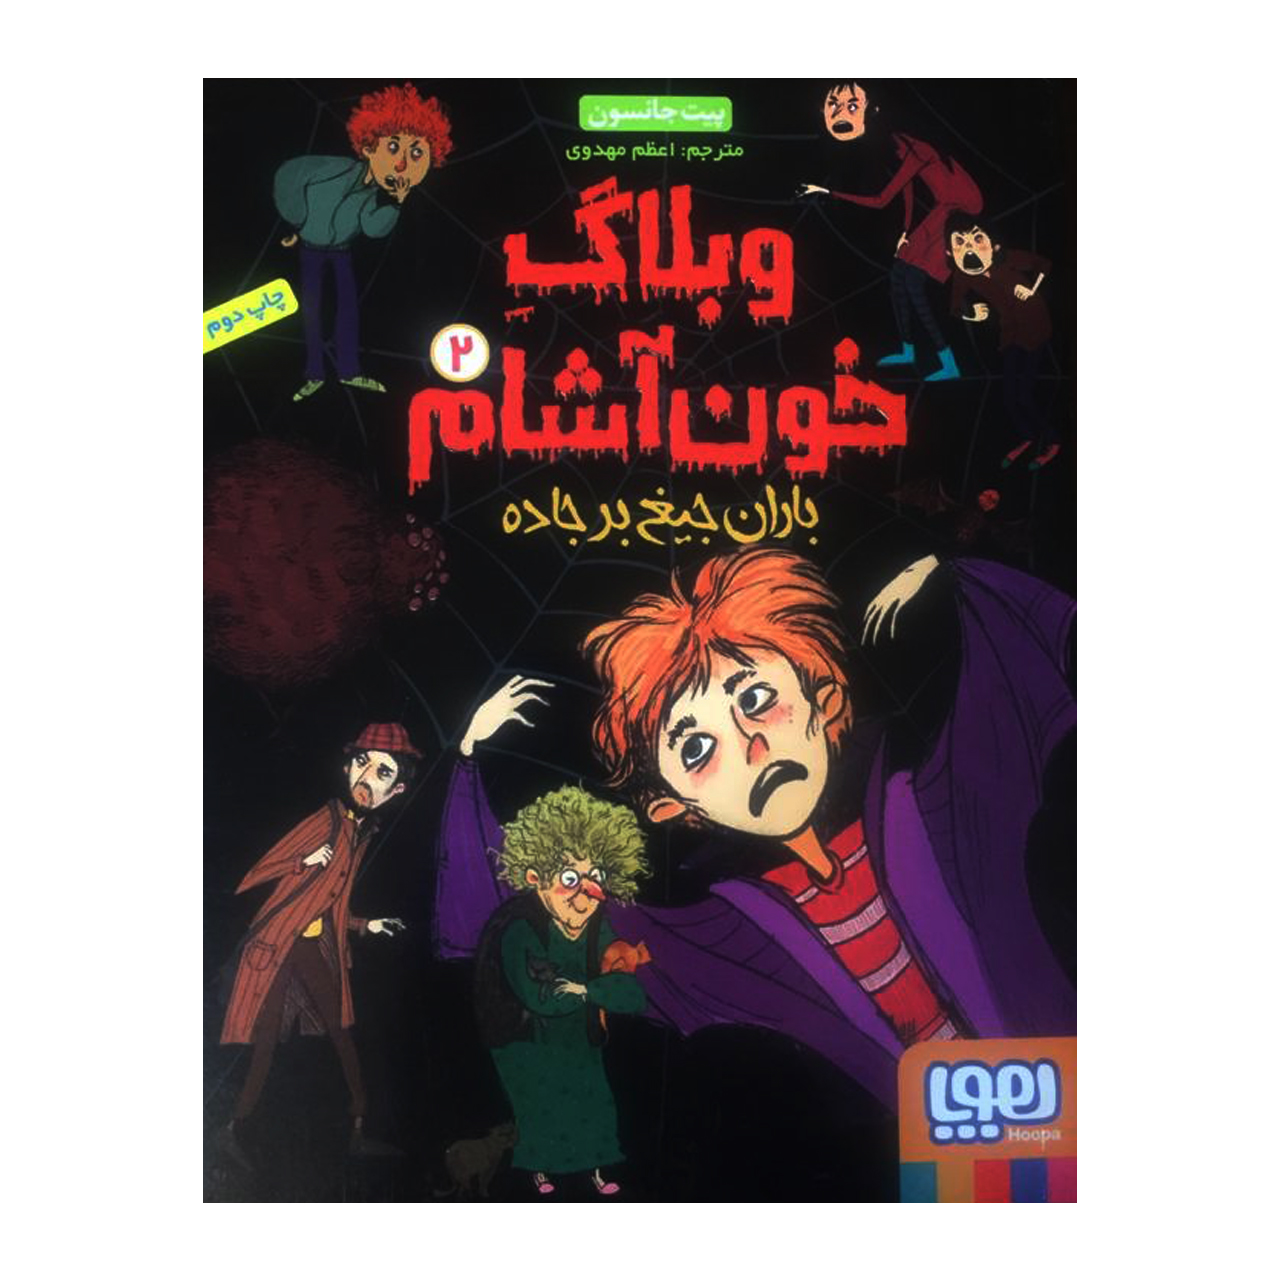 کتاب وبلاگ خون آشام 2 اثر پیت جانسون انتشارات هوپا  در بزرگترین فروشگاه اینترنتی جنوب کشور ویزمارکت